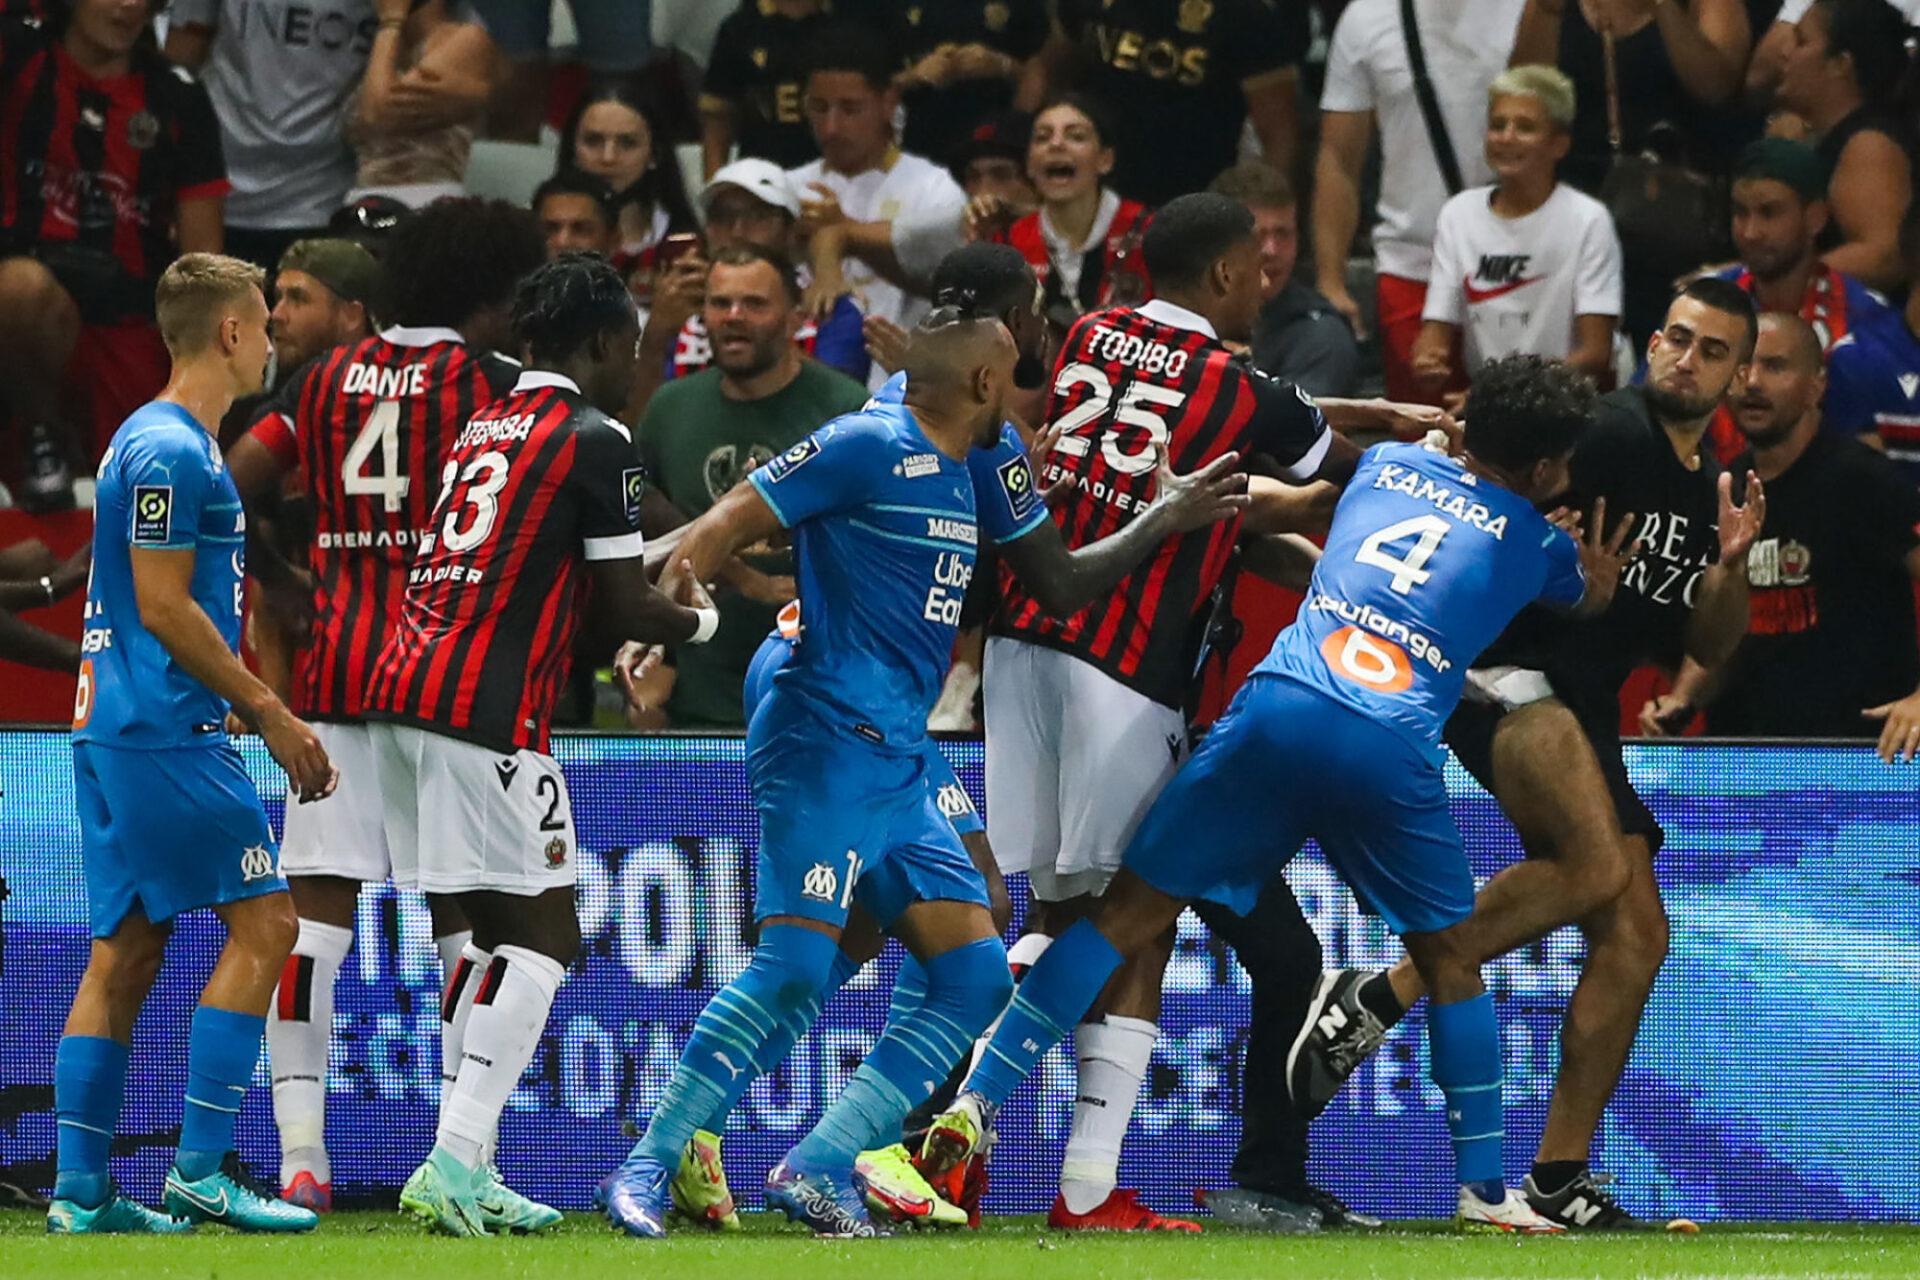 Tony Calzoni (à droite) avait tenté de donner un coup de pied à Dimitri Payet (au centre). Icon Sport